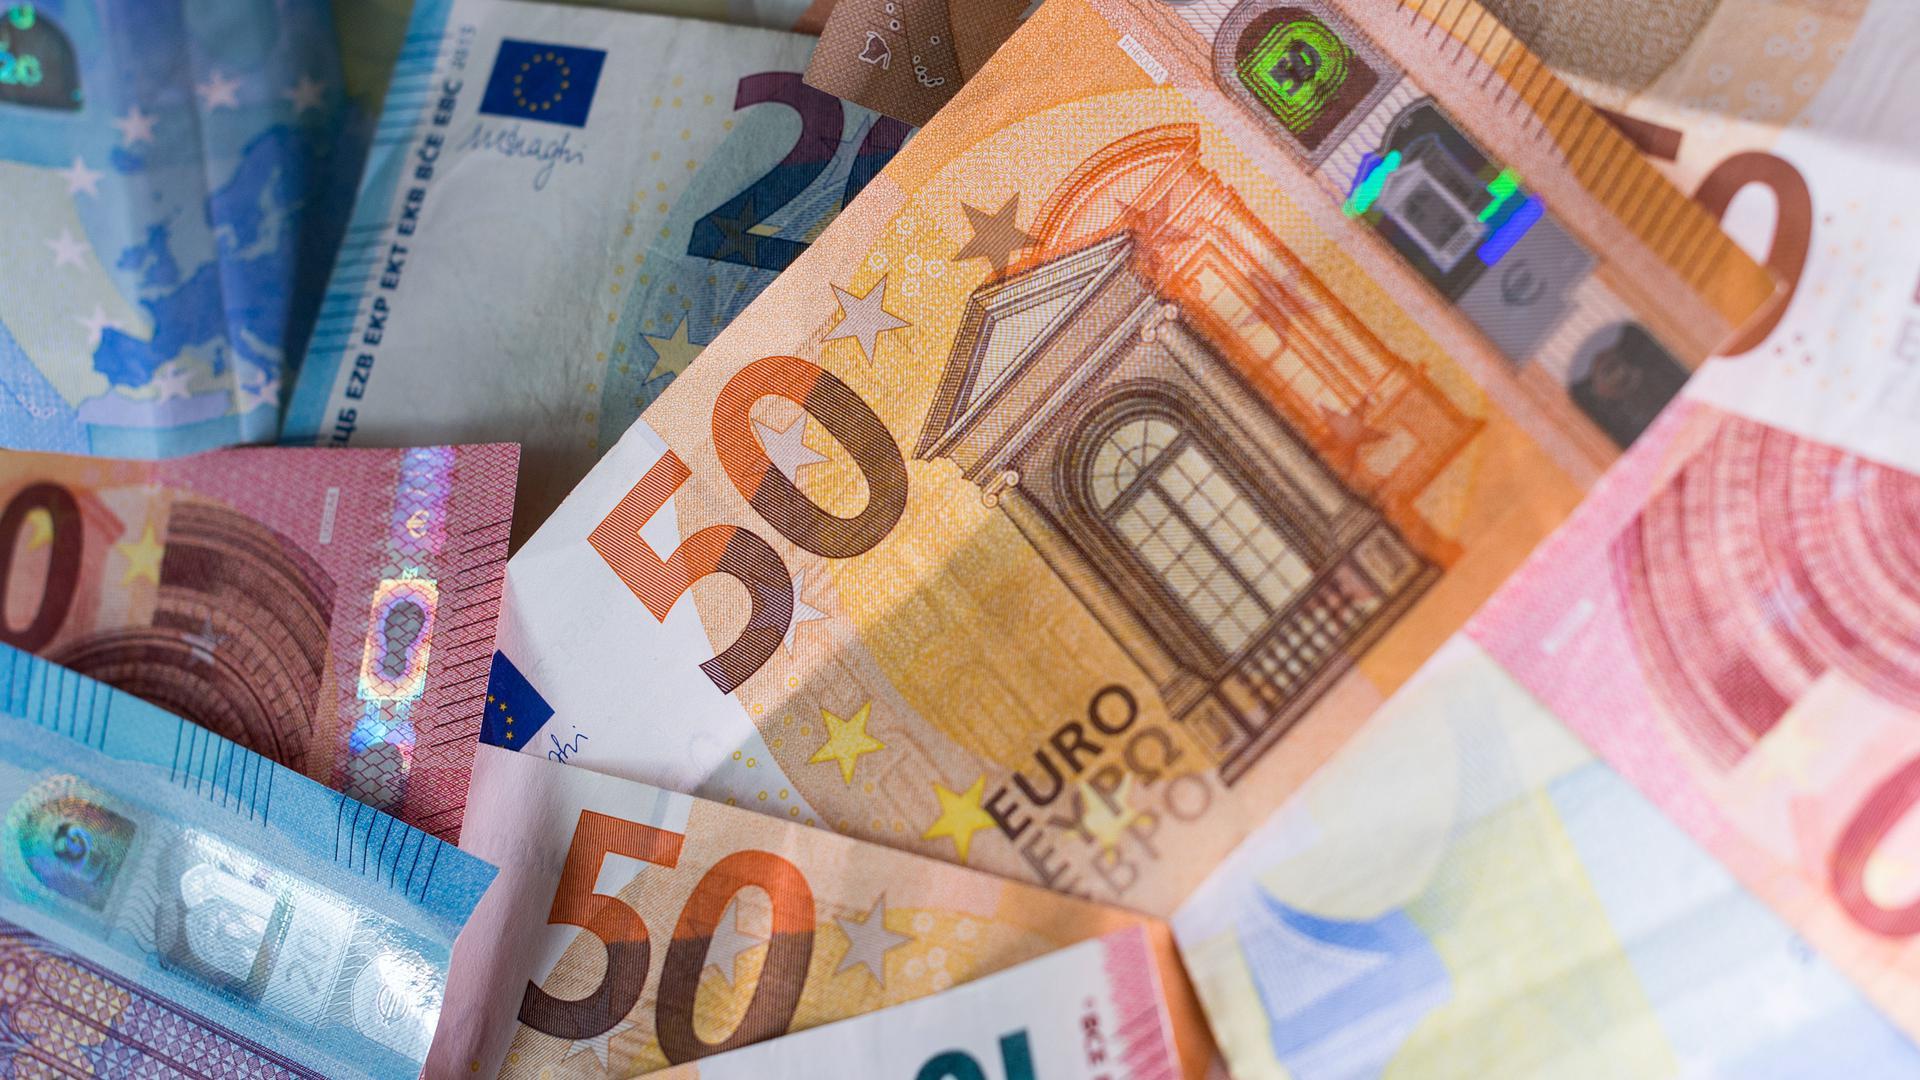 """ARCHIV - 04.12.2018, Sachsen, Dresden: ILLUSTRATION - Zahlreiche Banknoten liegen auf einem Tisch. In Brandenburg sind bis Mitte Oktober rund817,9Millionen Euro zur Bekämpfung der Corona-Pandemie ausgezahlt worden. (zu""""Knapp 818 Millionen Euro an Corona-Hilfen ausgezahlt"""") Foto: Monika Skolimowska/dpa-Zentralbild/dpa +++ dpa-Bildfunk +++   Verwendung weltweit"""